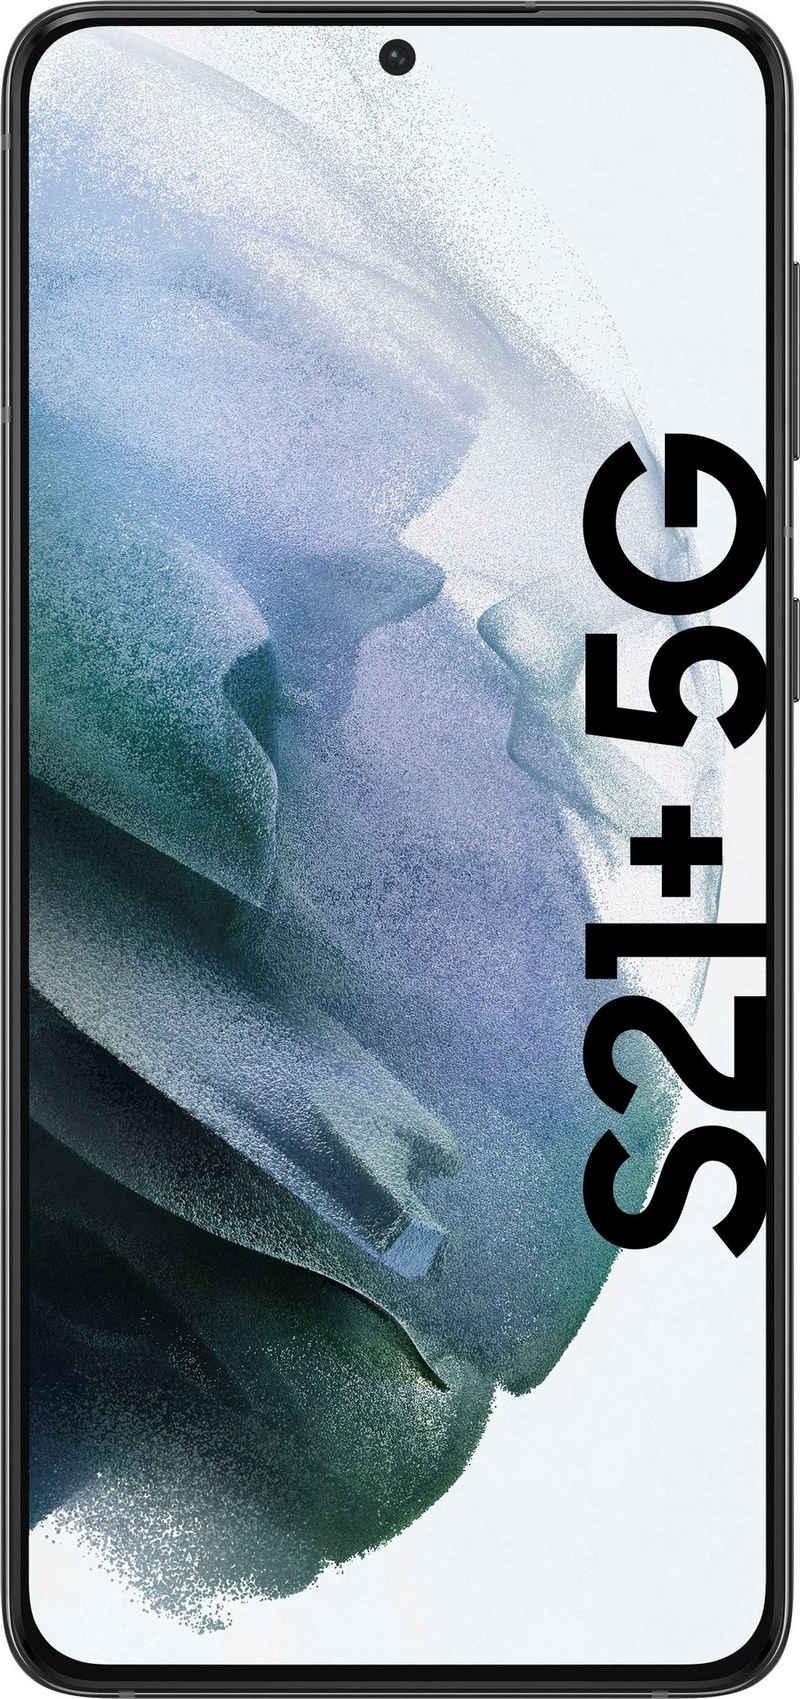 Samsung Galaxy S21+ 5G Smartphone (16,95 cm/6,7 Zoll, 128 GB Speicherplatz, 64 MP Kamera, 3 Jahre Garantie)